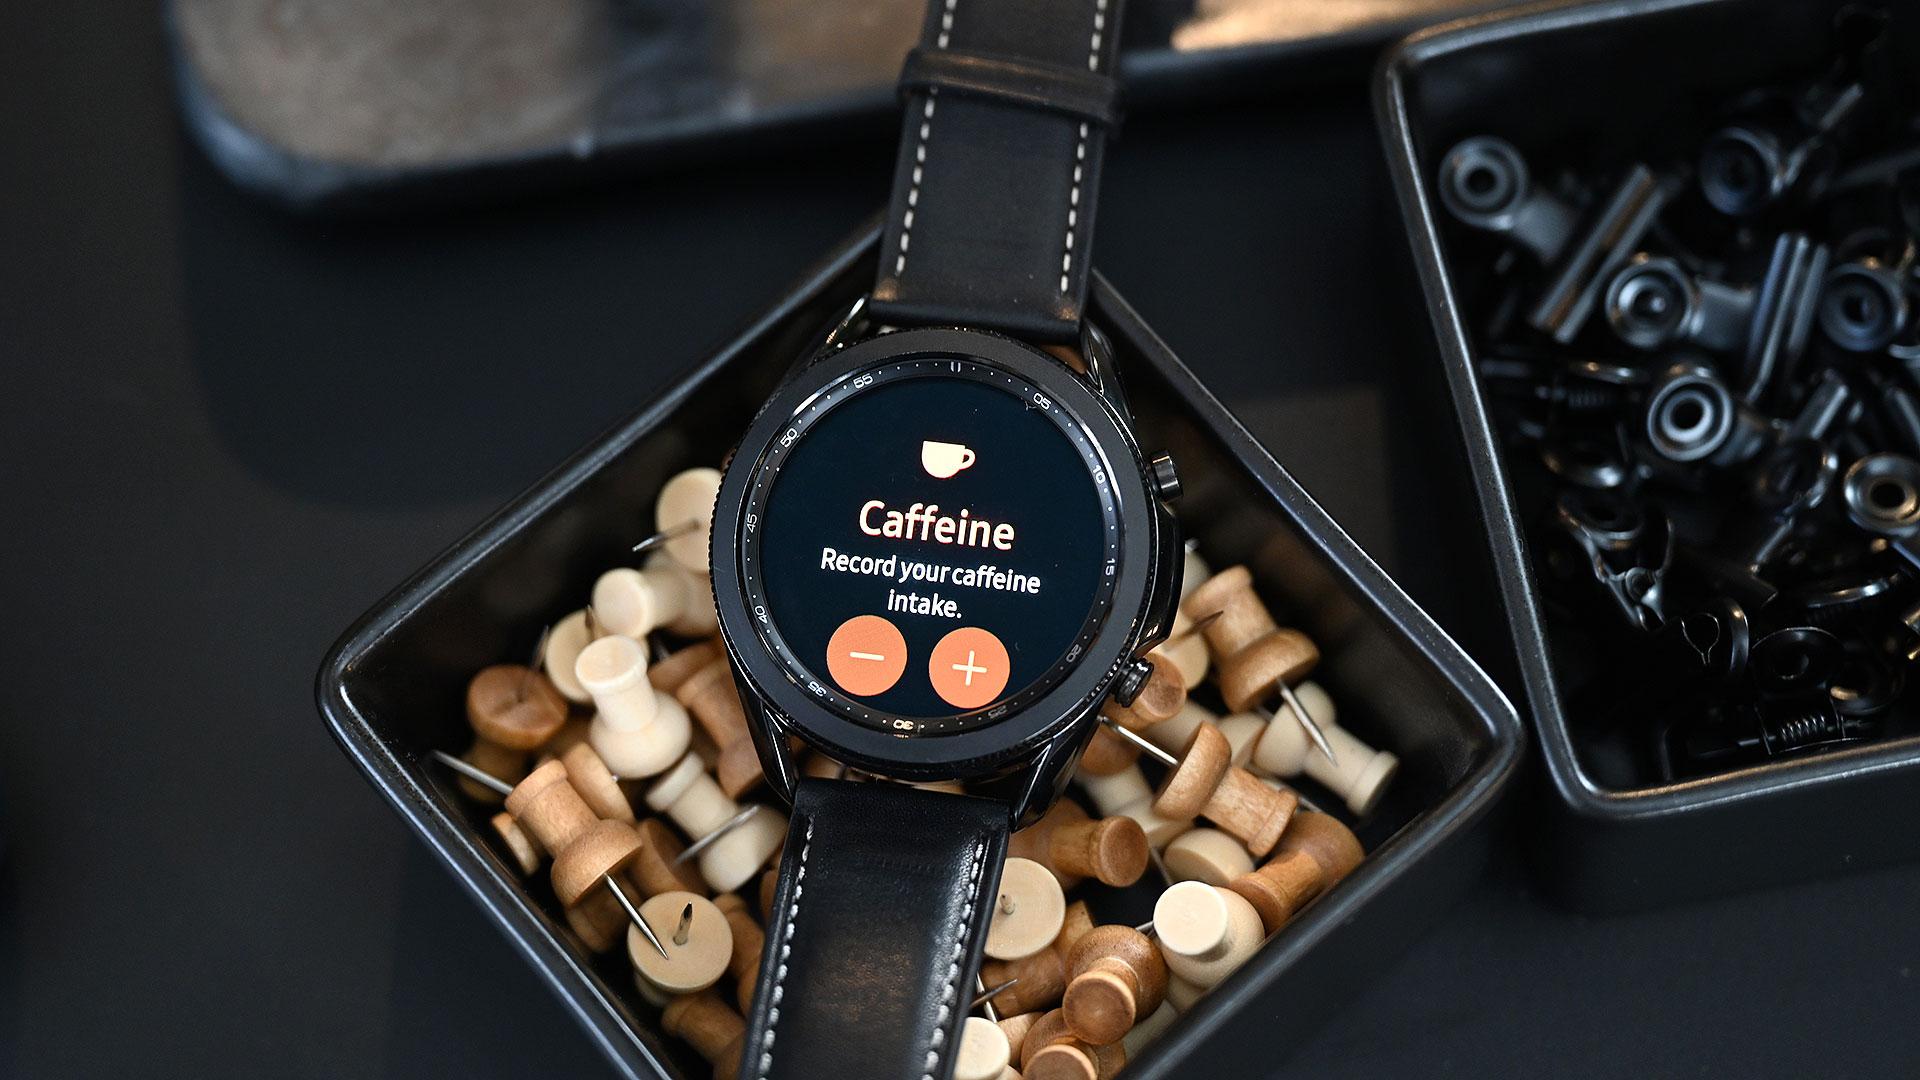 Galaxy Watch 3 ganhou novas funções de saúde, como monitorar até consumo de cafeína. Crédito: Sam Rutherford/Gizmodo